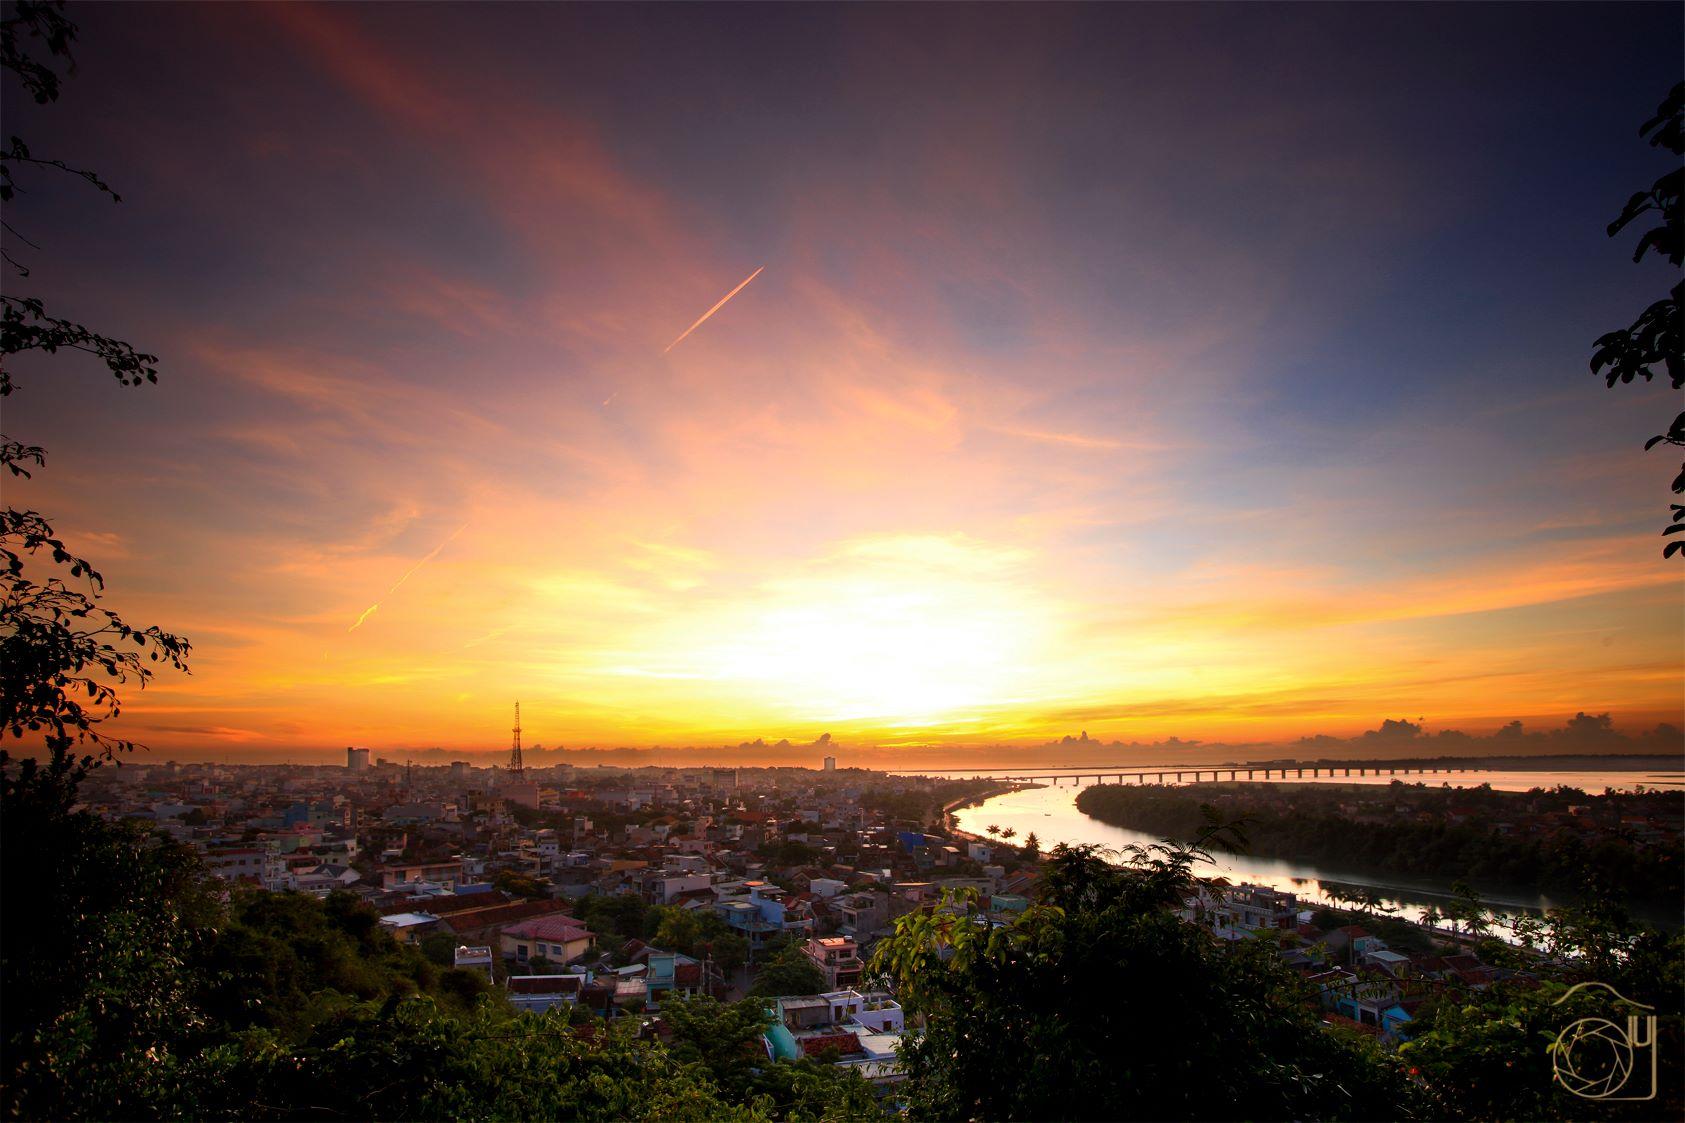 Hãy đến những nơi này để thấy Phú Yên còn đẹp hơn những gì bạn thấy trong hoa vàng cỏ xanh - Ảnh 3.